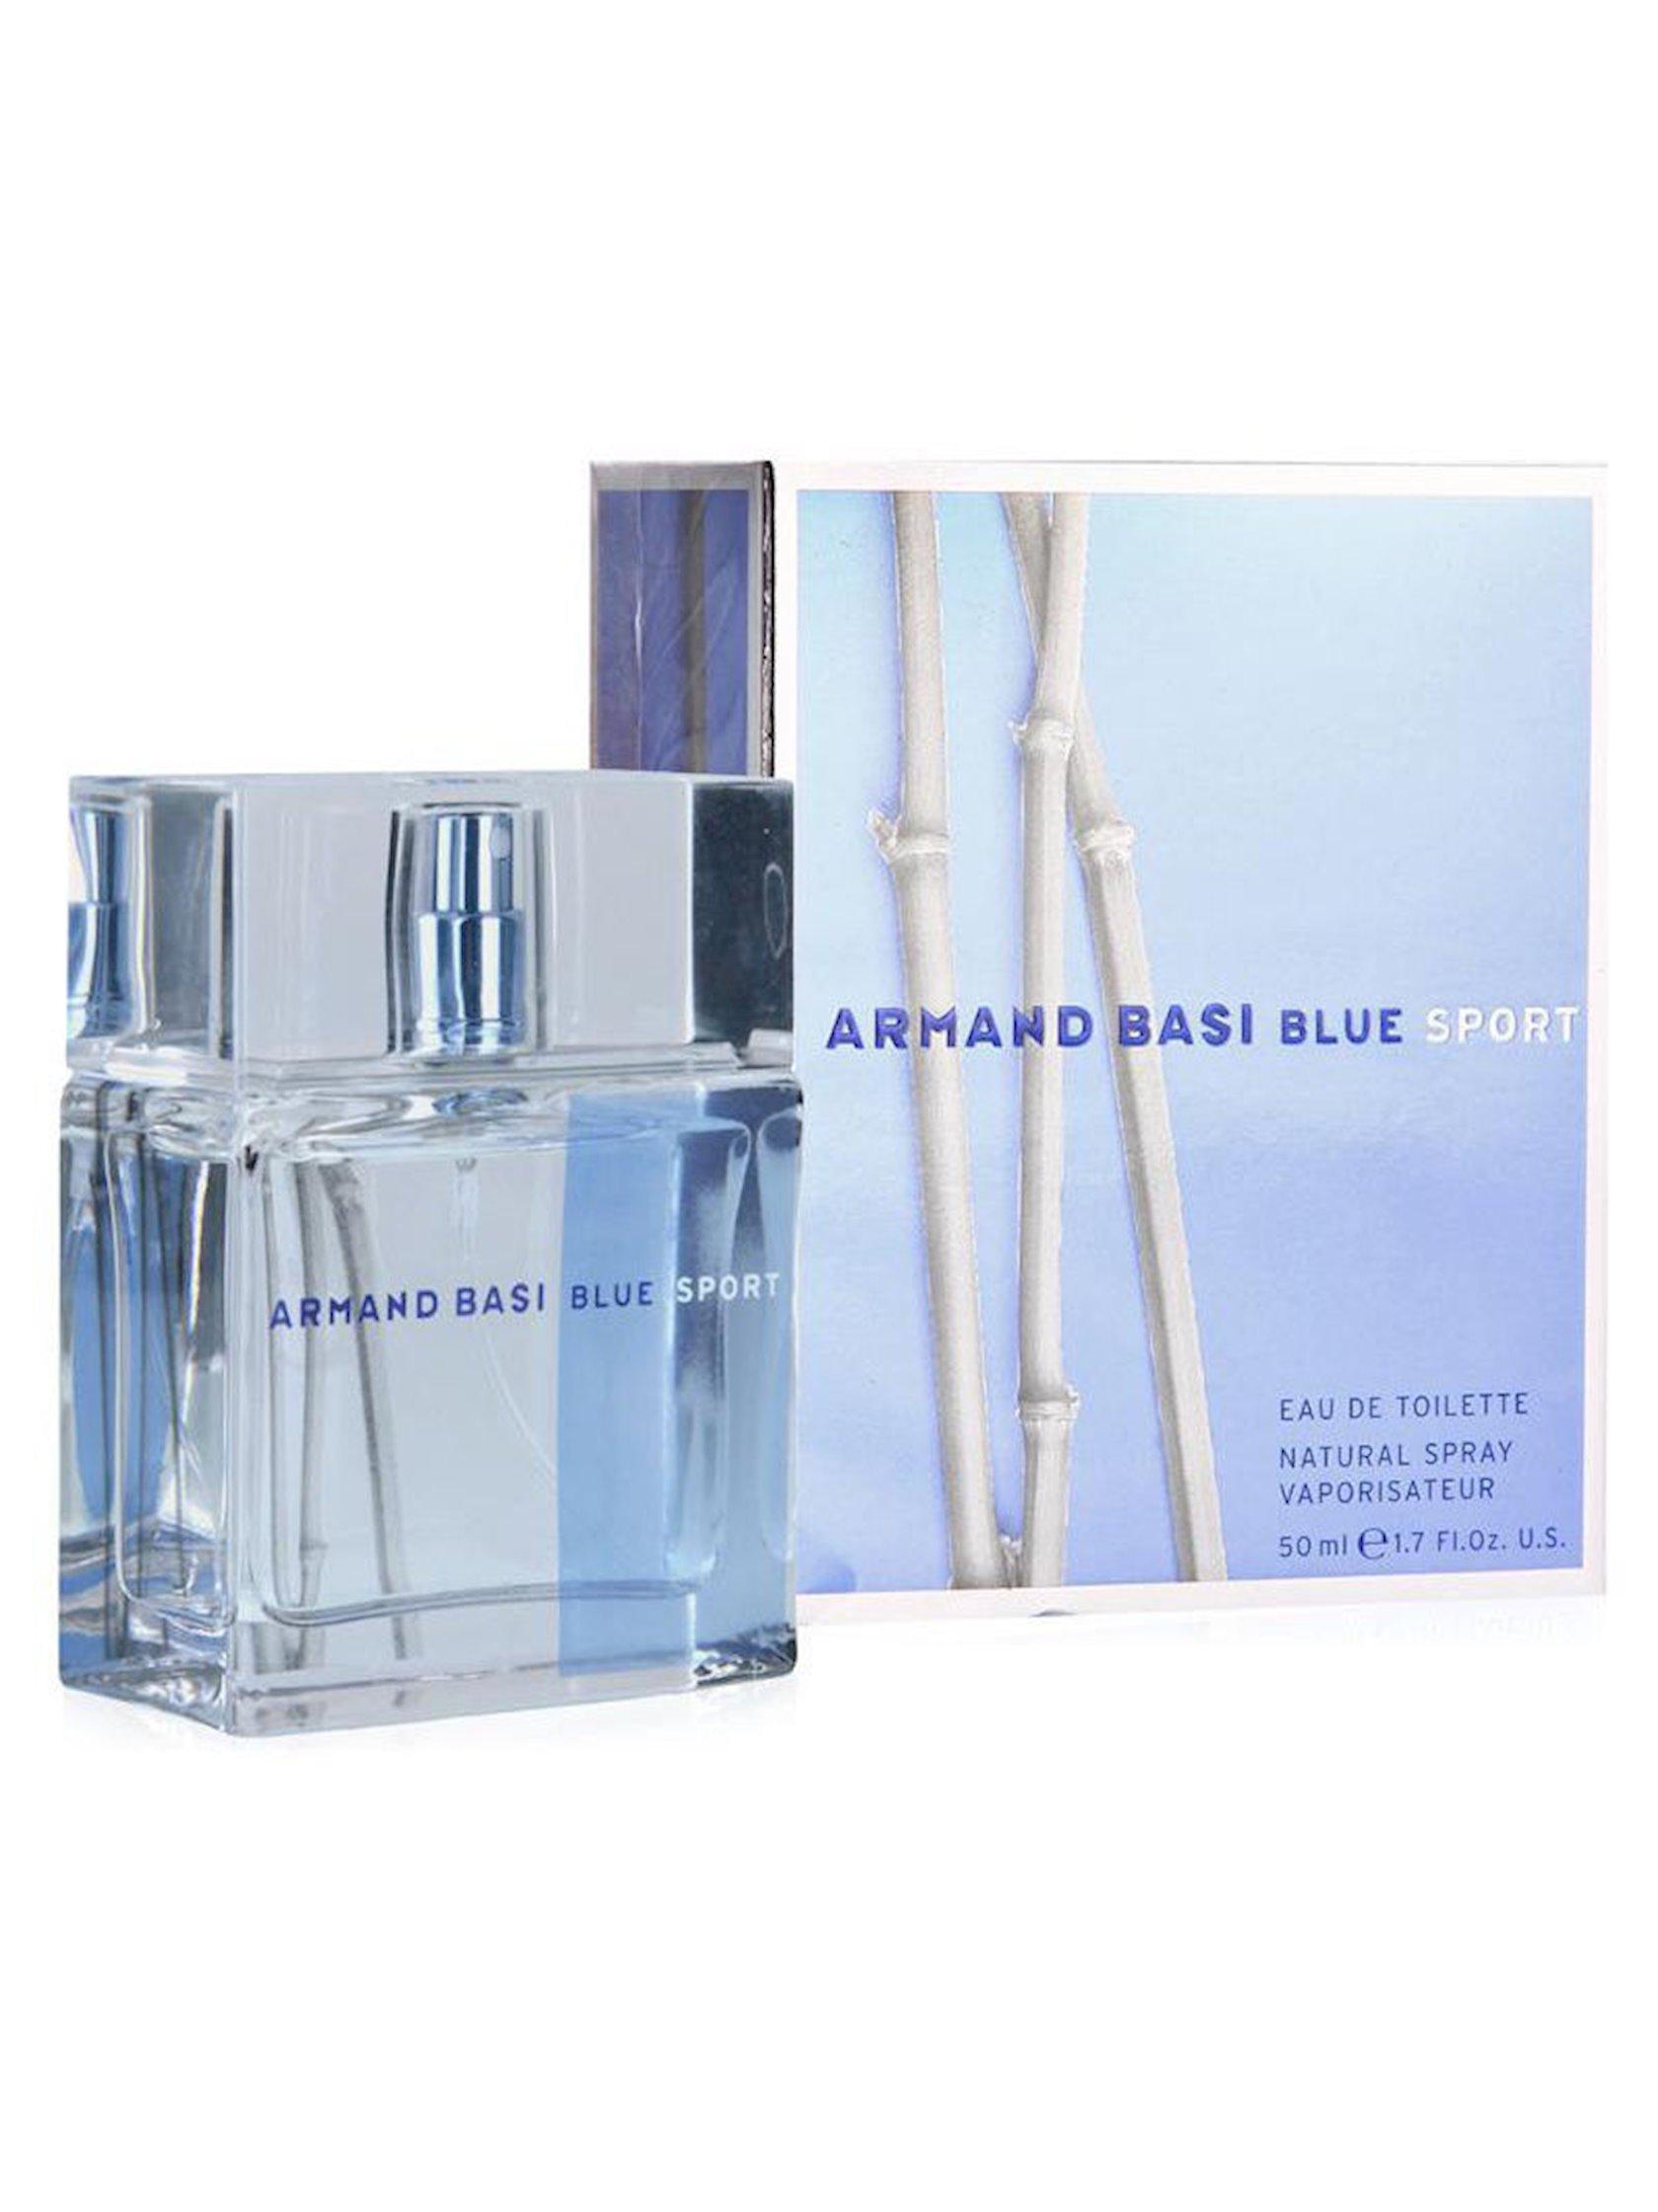 Kişilər üçün tualet suyu Armand Basi Blue Sport 50 ml